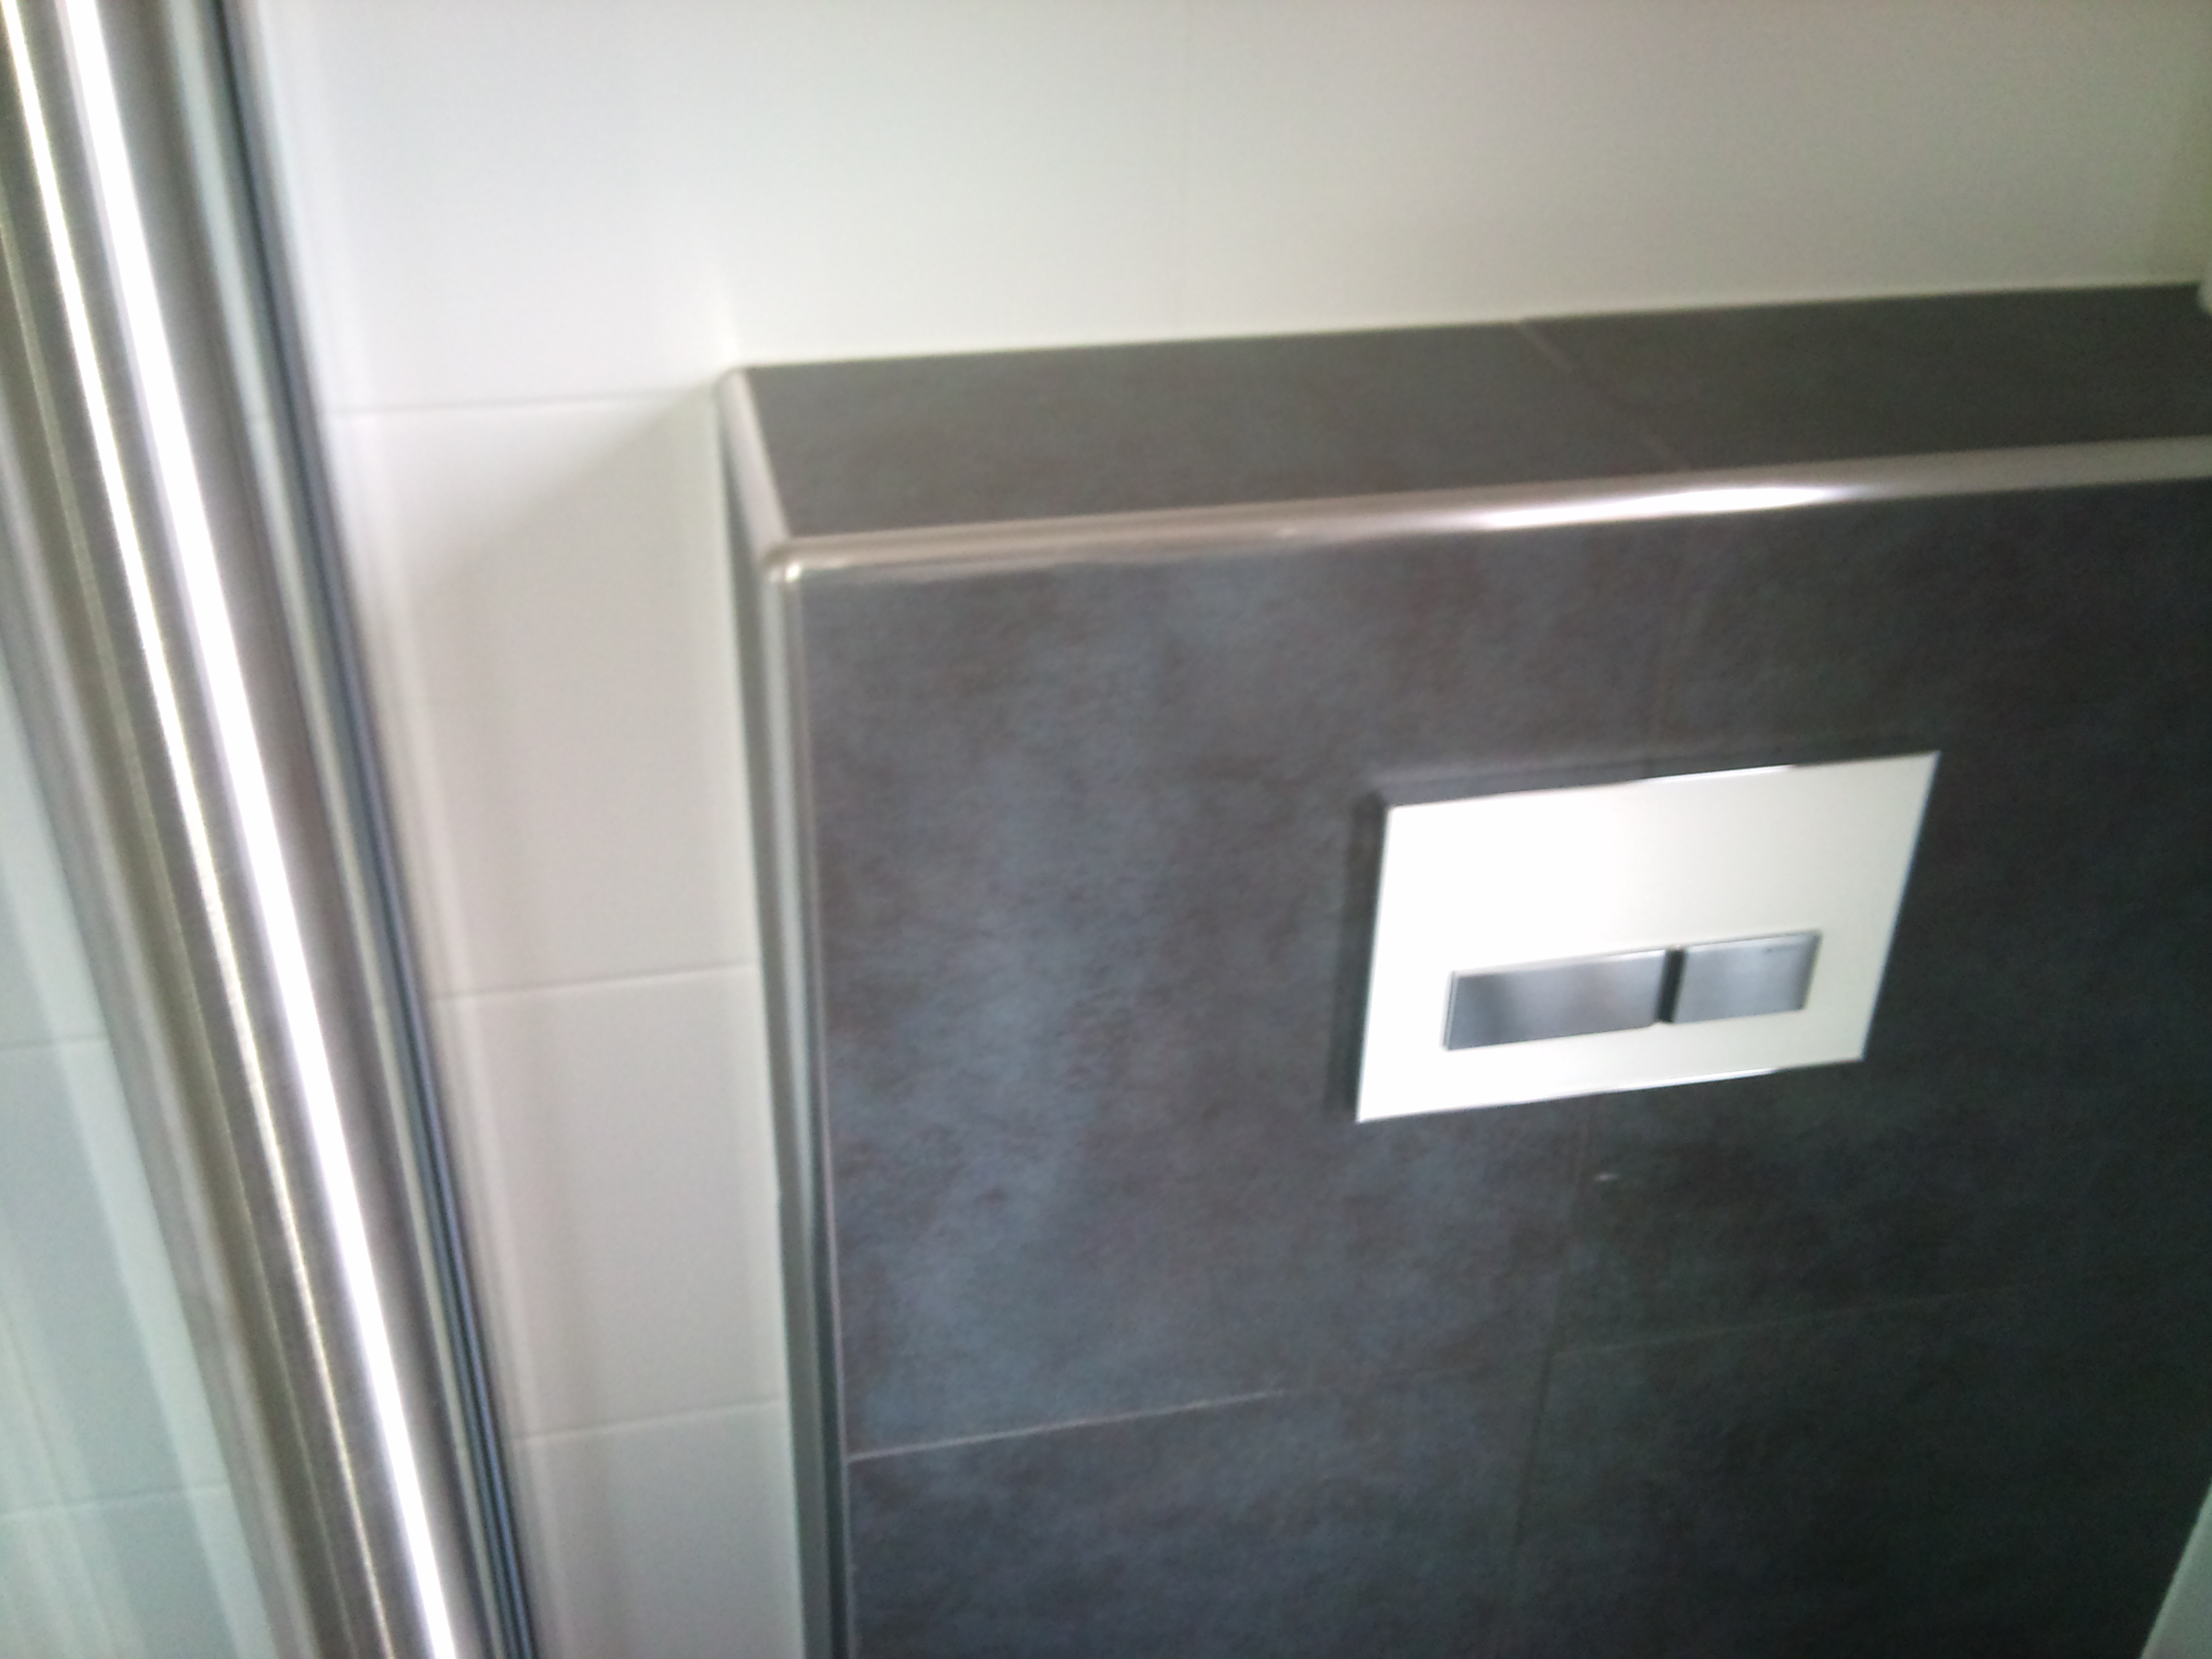 Pin tegels met a on pinterest - Tegel model voor wc ...